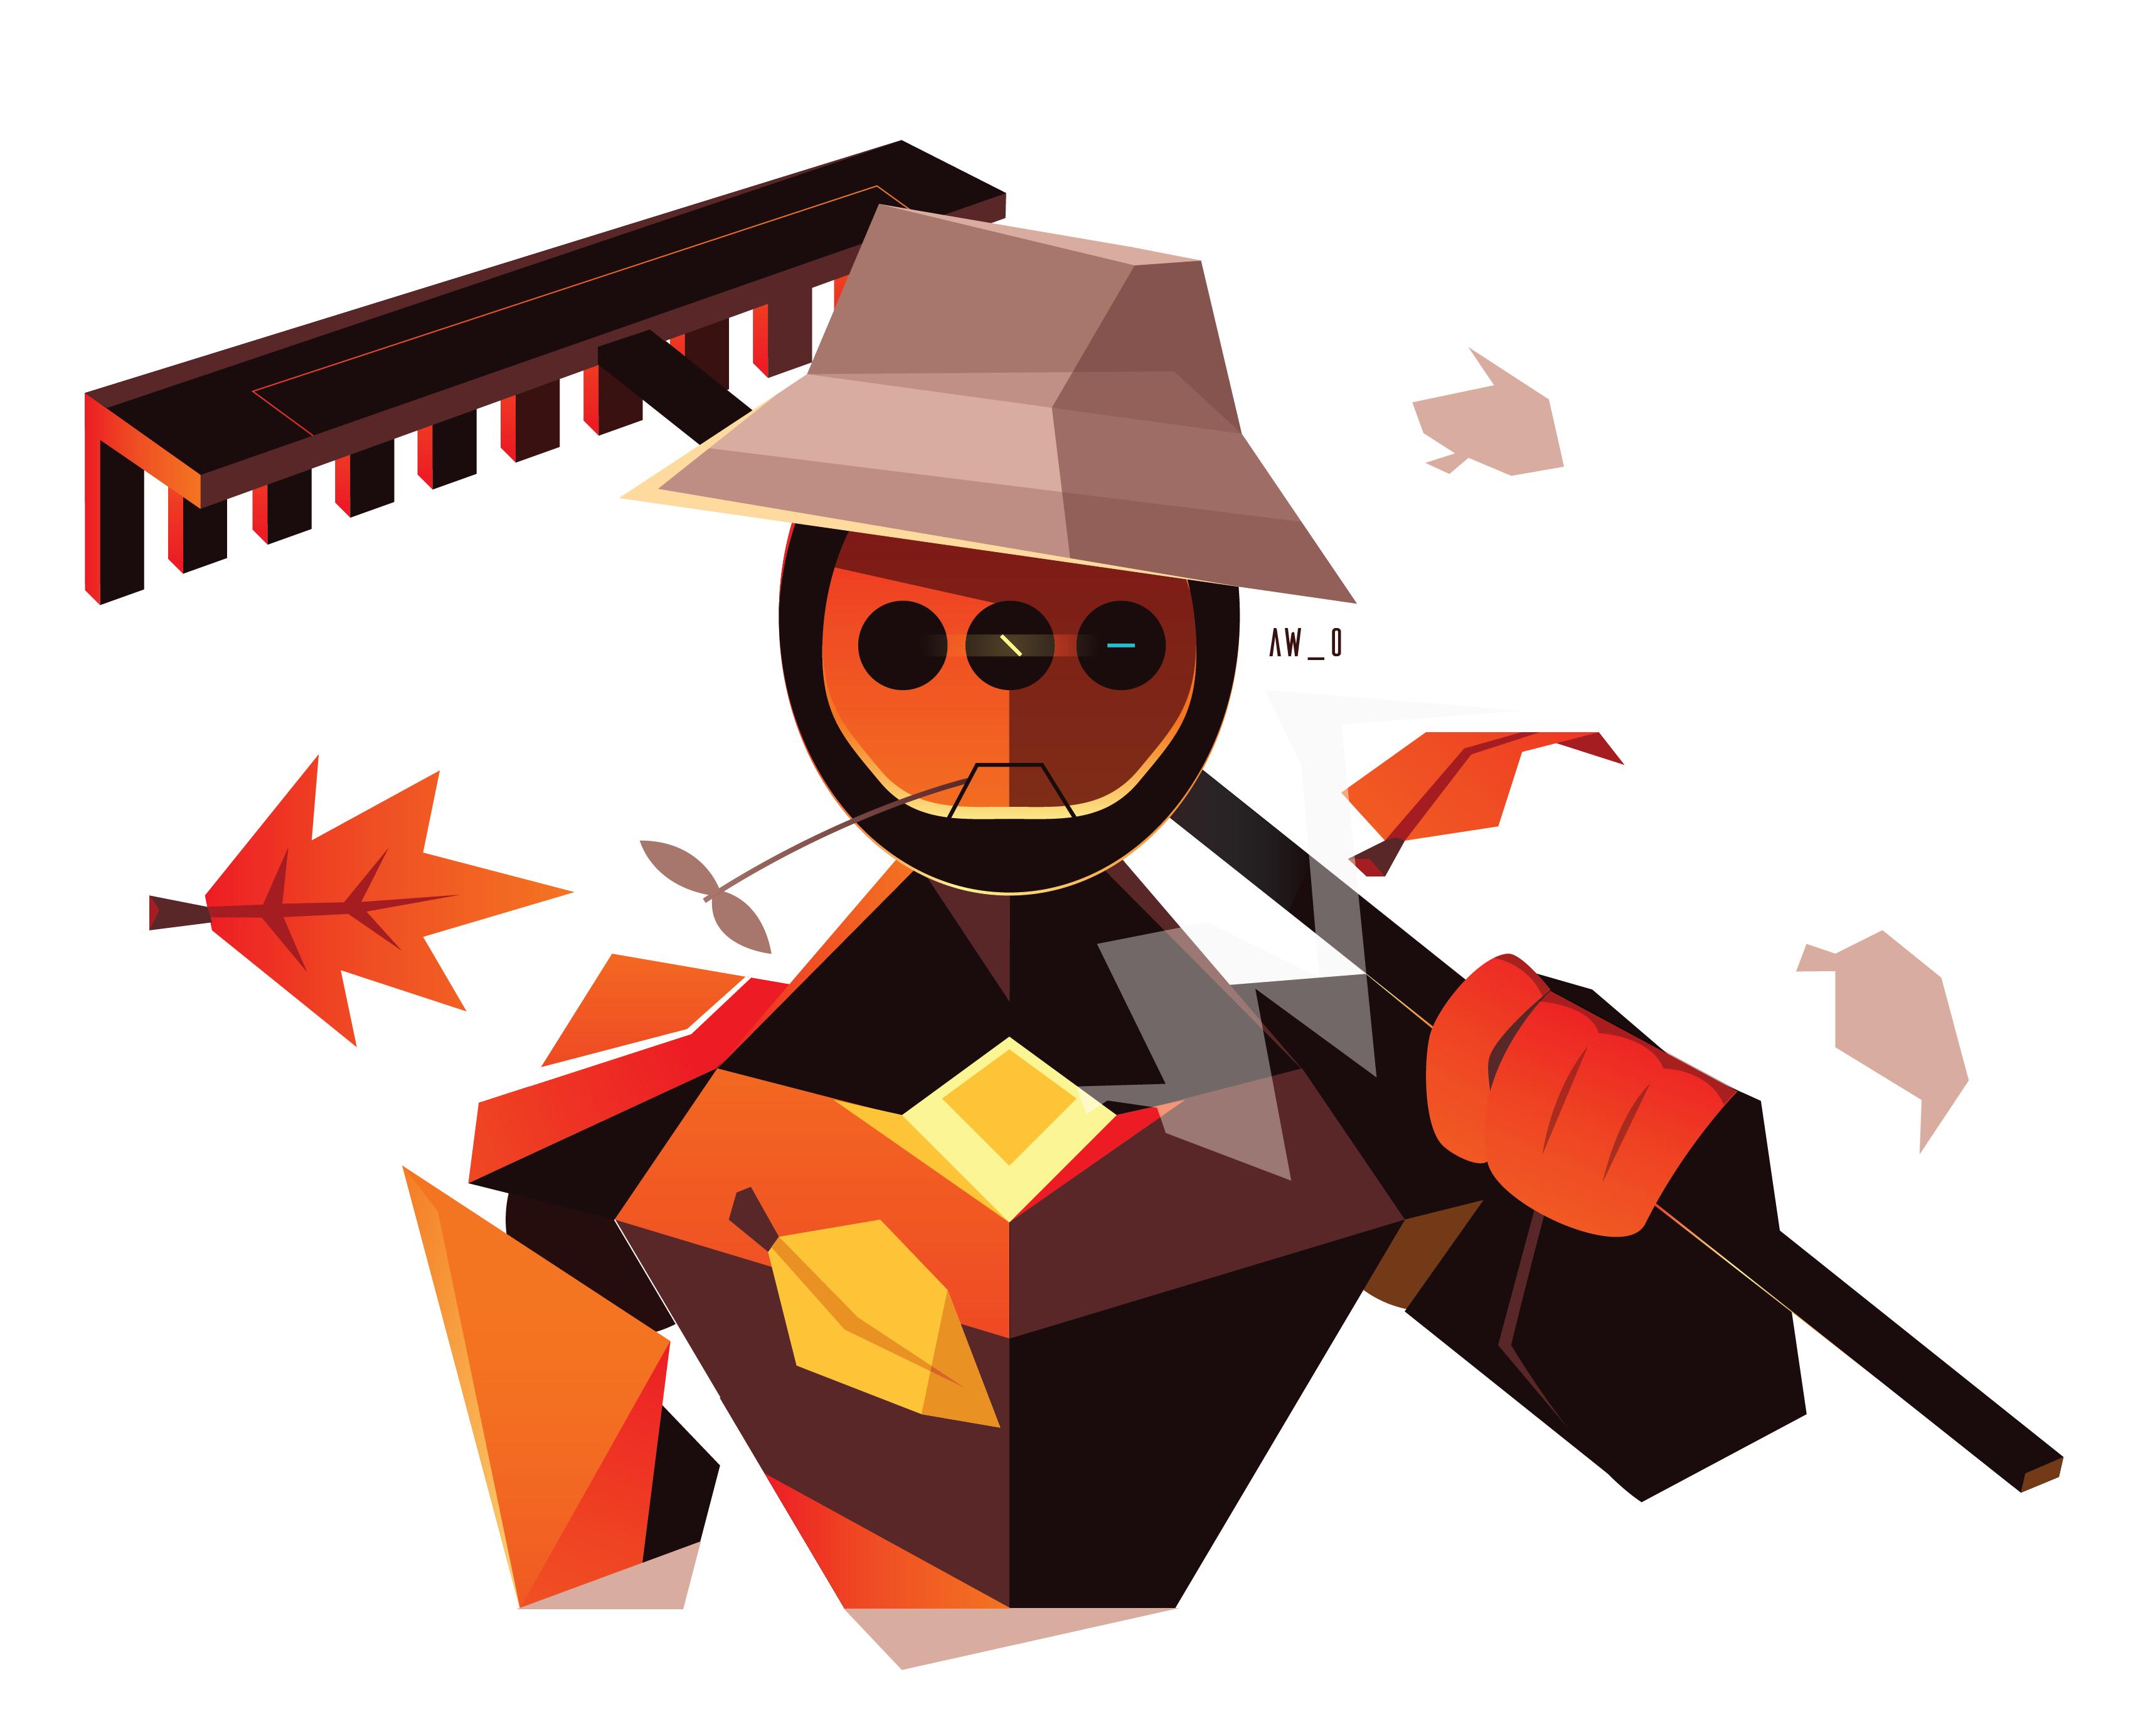 Robo-Raker by Aw0